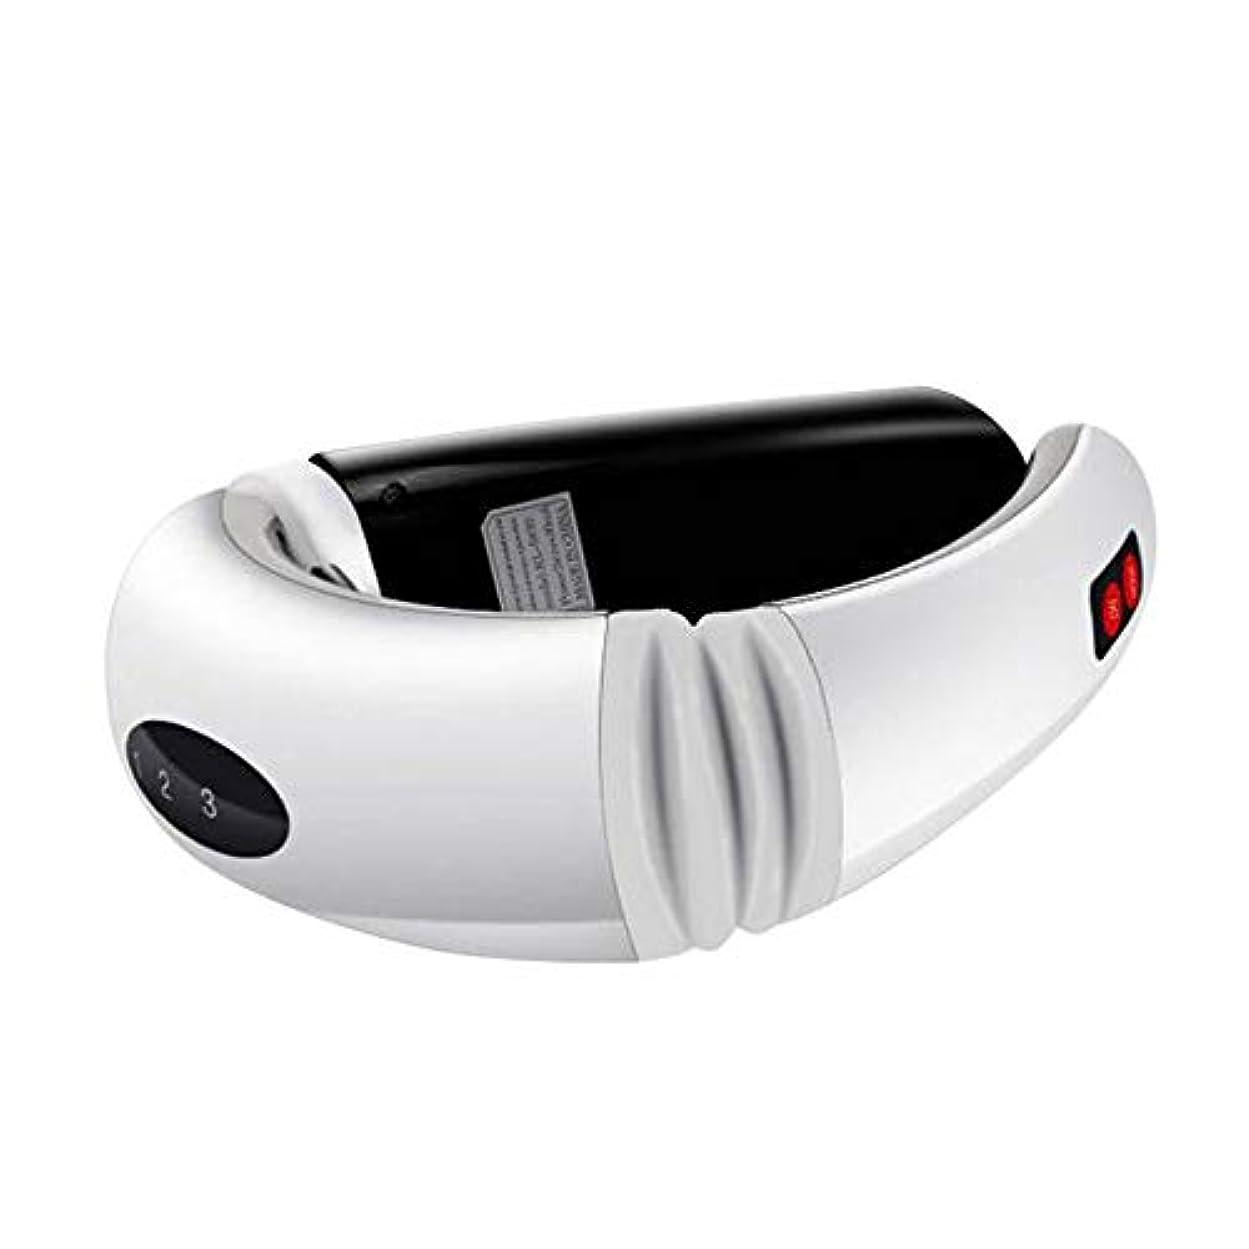 エレベーターケニアリーチ首のマッサージャー電気USB再充電可能な子宮頸マッサージャーは、痛みの痛みの筋肉を取り除く車のオフィスとホームホワイト